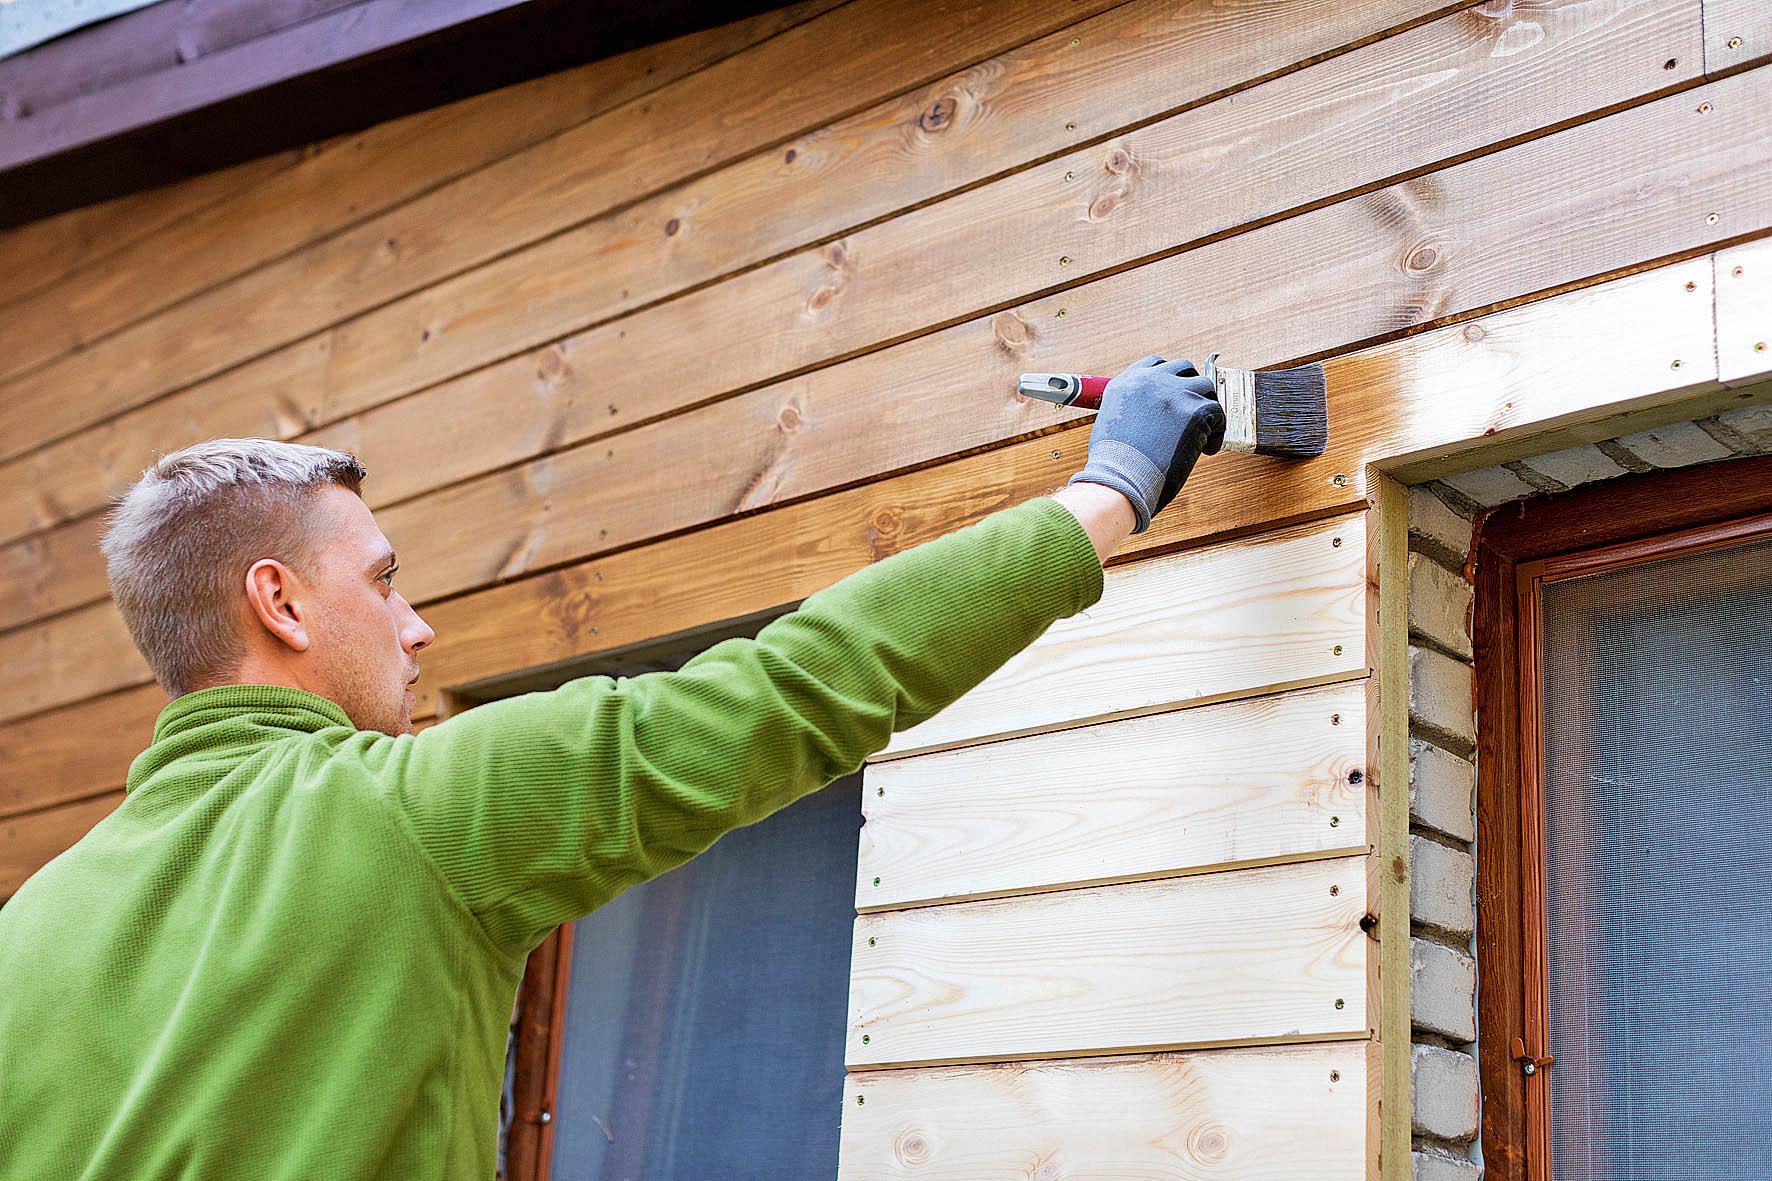 Pokud má dřevo vypadat stále jako nové, je nutné ho pravidelně natírat.